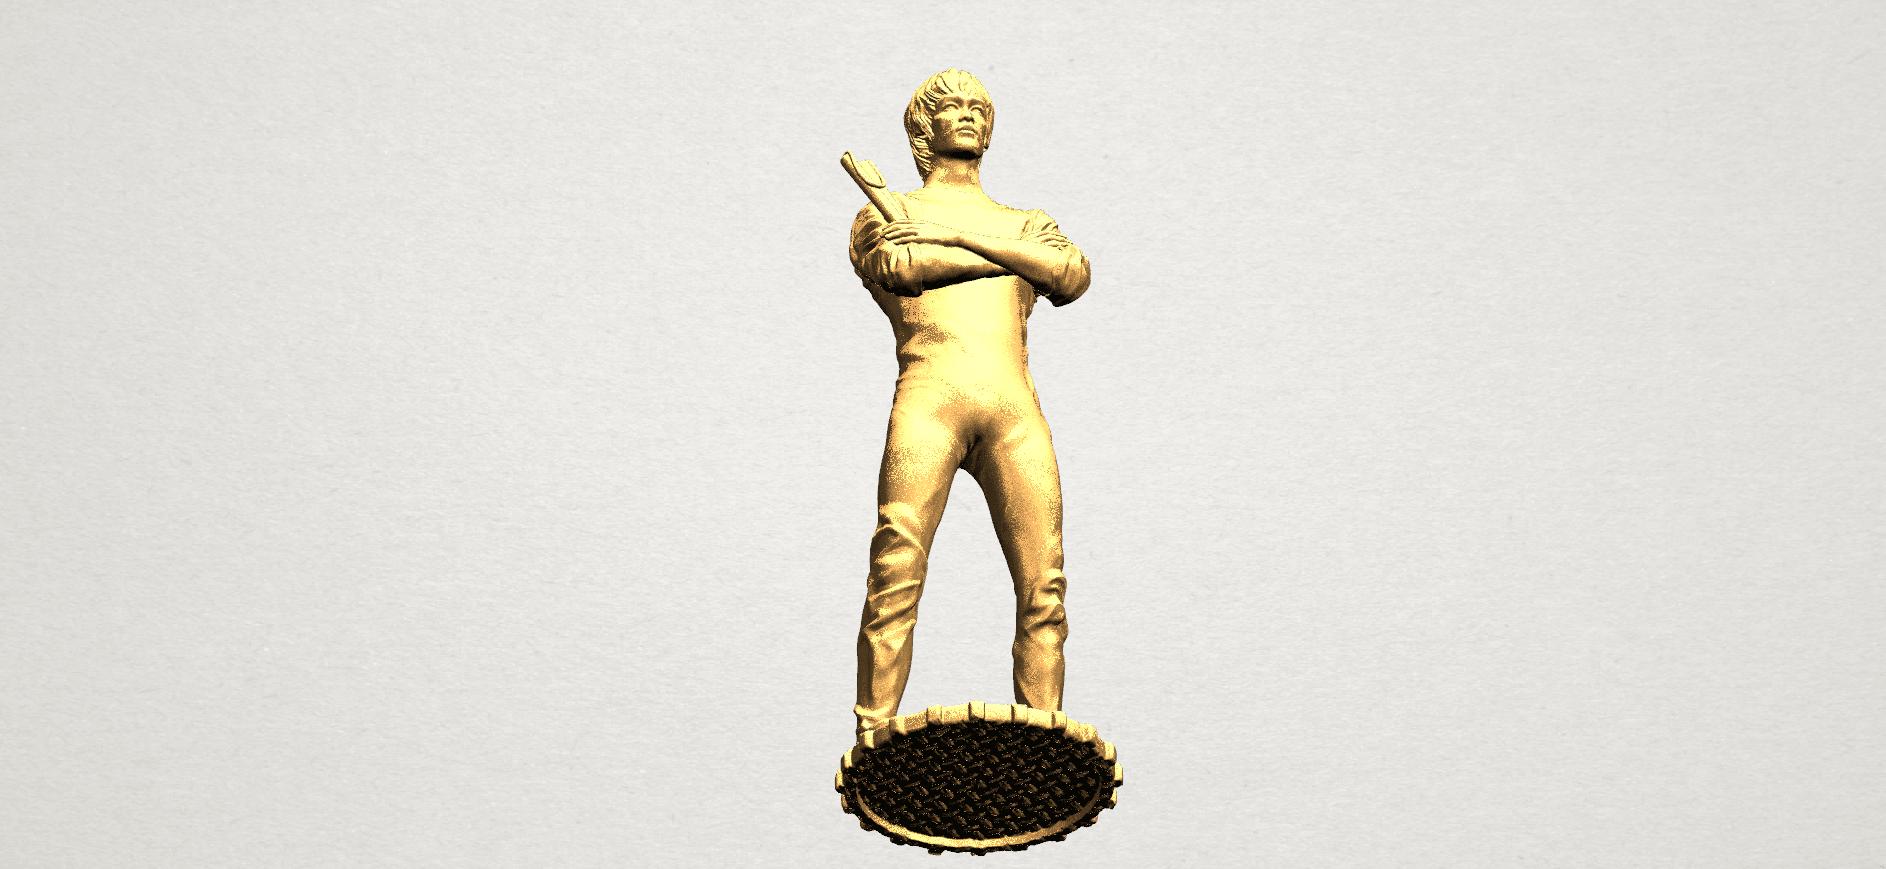 Bruce Lee A10.png Télécharger fichier STL gratuit Bruce Lee • Design à imprimer en 3D, GeorgesNikkei